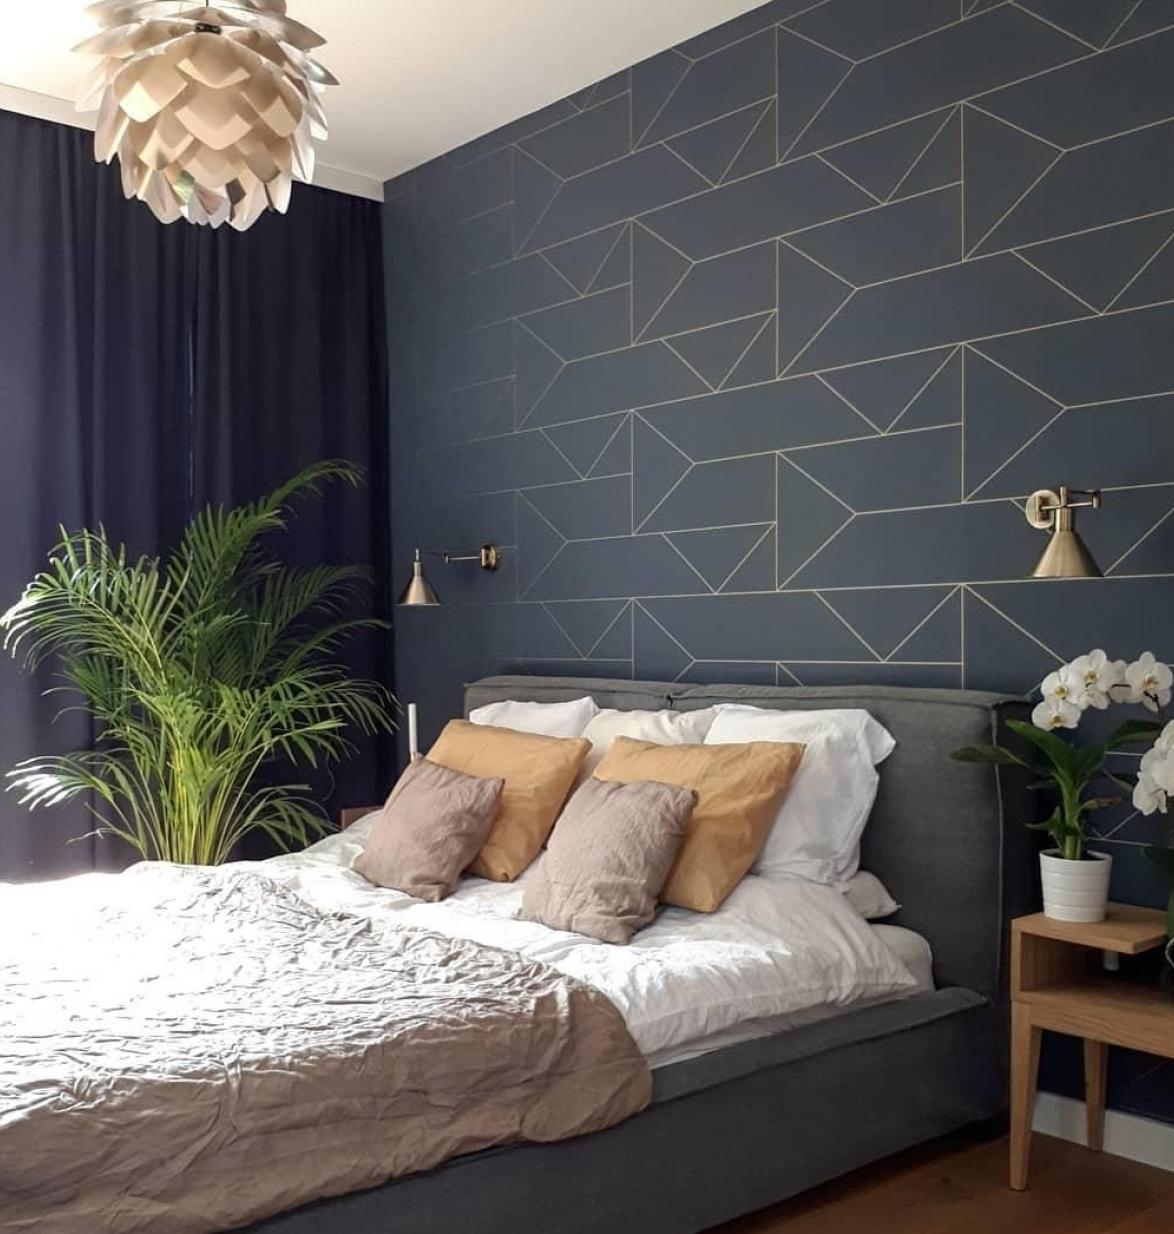 Full Size of Schlafzimmer Wandlampen Luxus Romantische Gardinen Für Vorhänge Wandtattoos Betten Günstige Set Günstig Komplettes Wiemann Loddenkemper Wohnzimmer Schlafzimmer Wandlampen